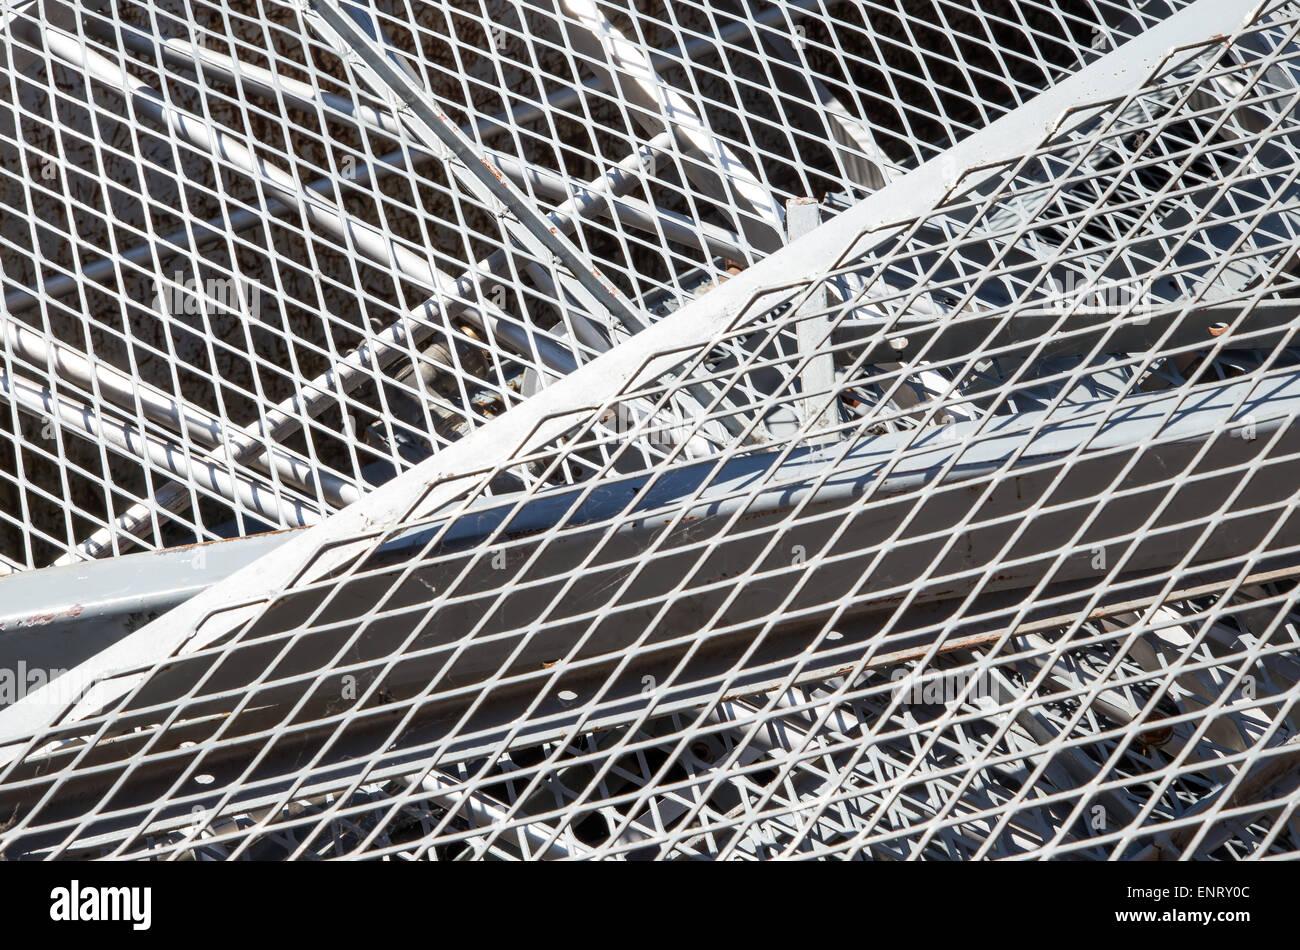 Grid-Eisen und Eisen Material auf die Deponie von metallischen Gegenständen Stockbild